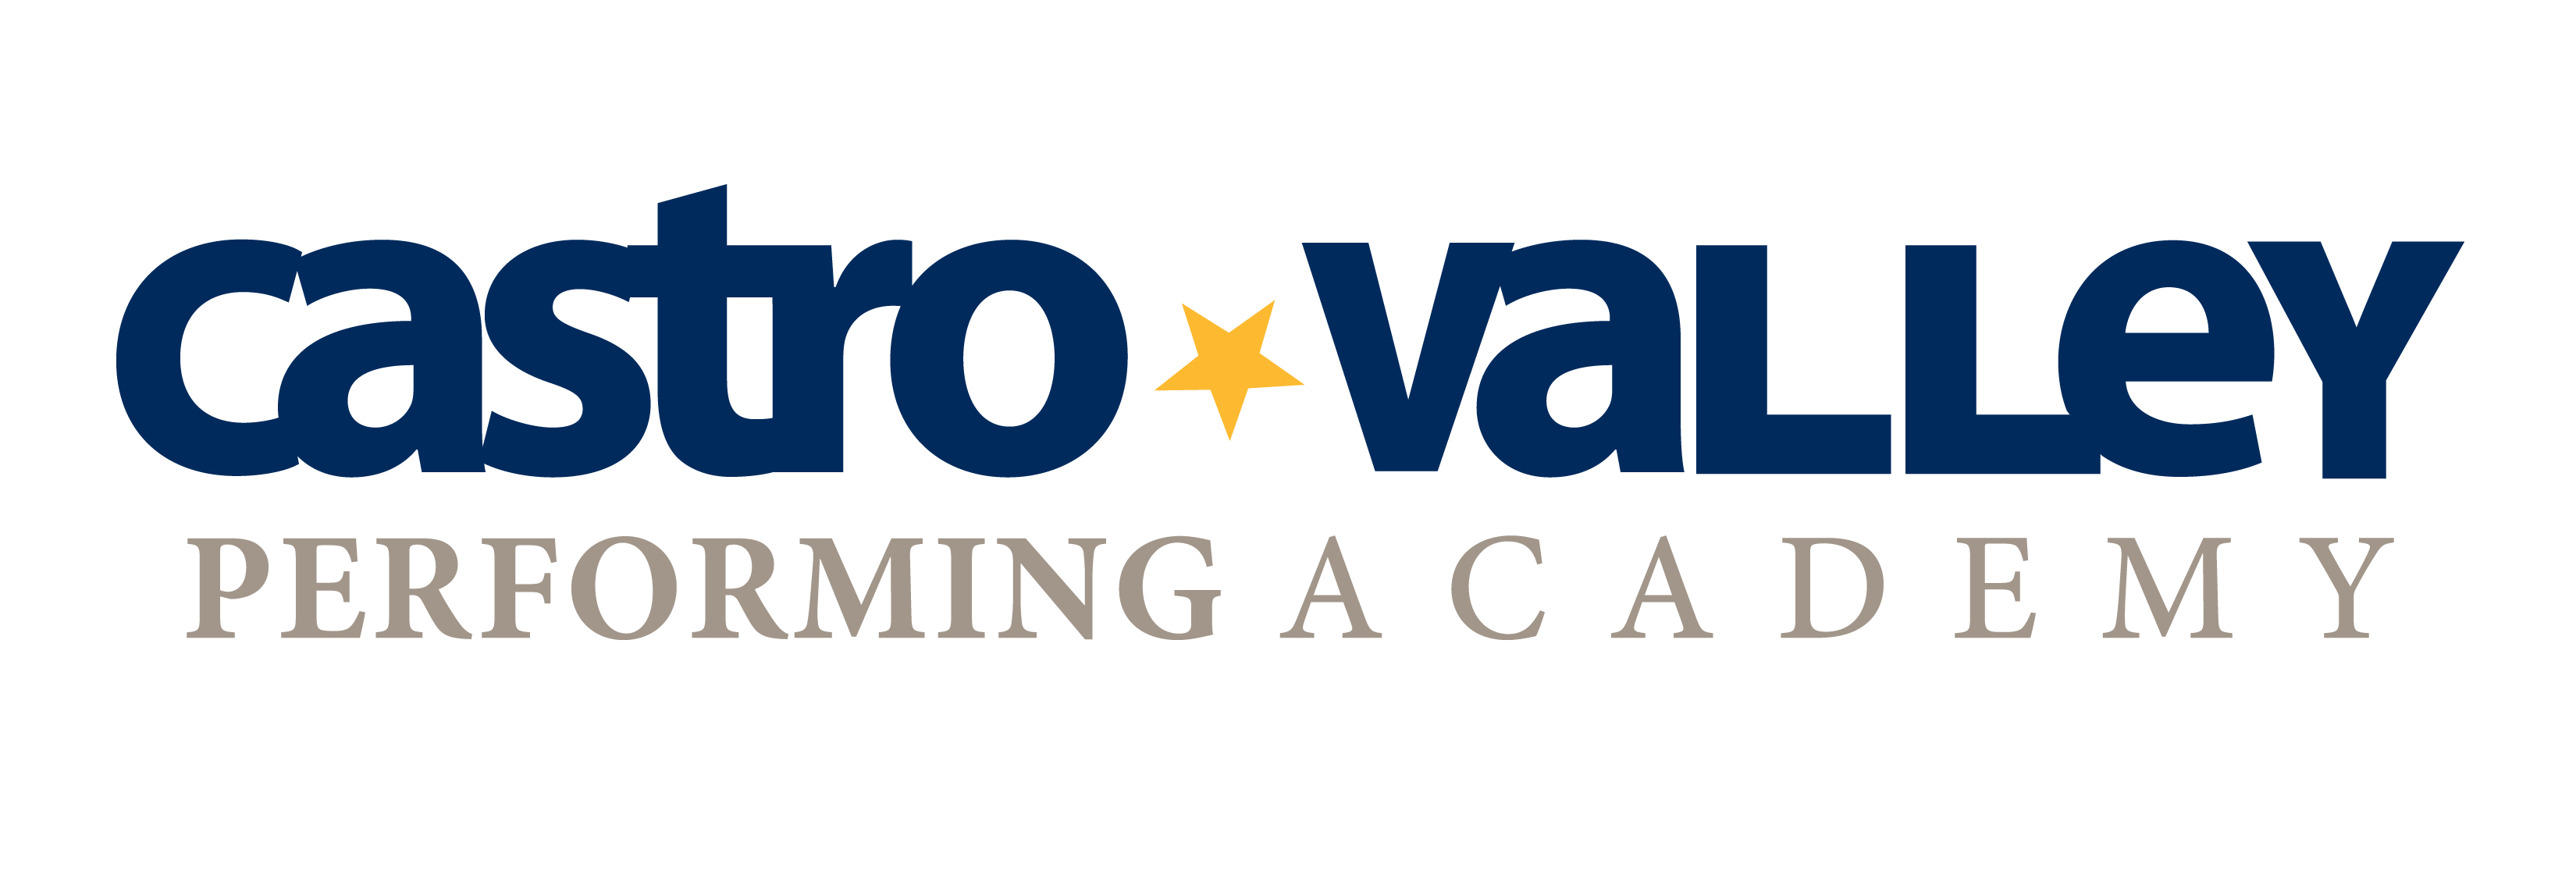 CASTRO VALLEY PA 2017_ COLOR Logo